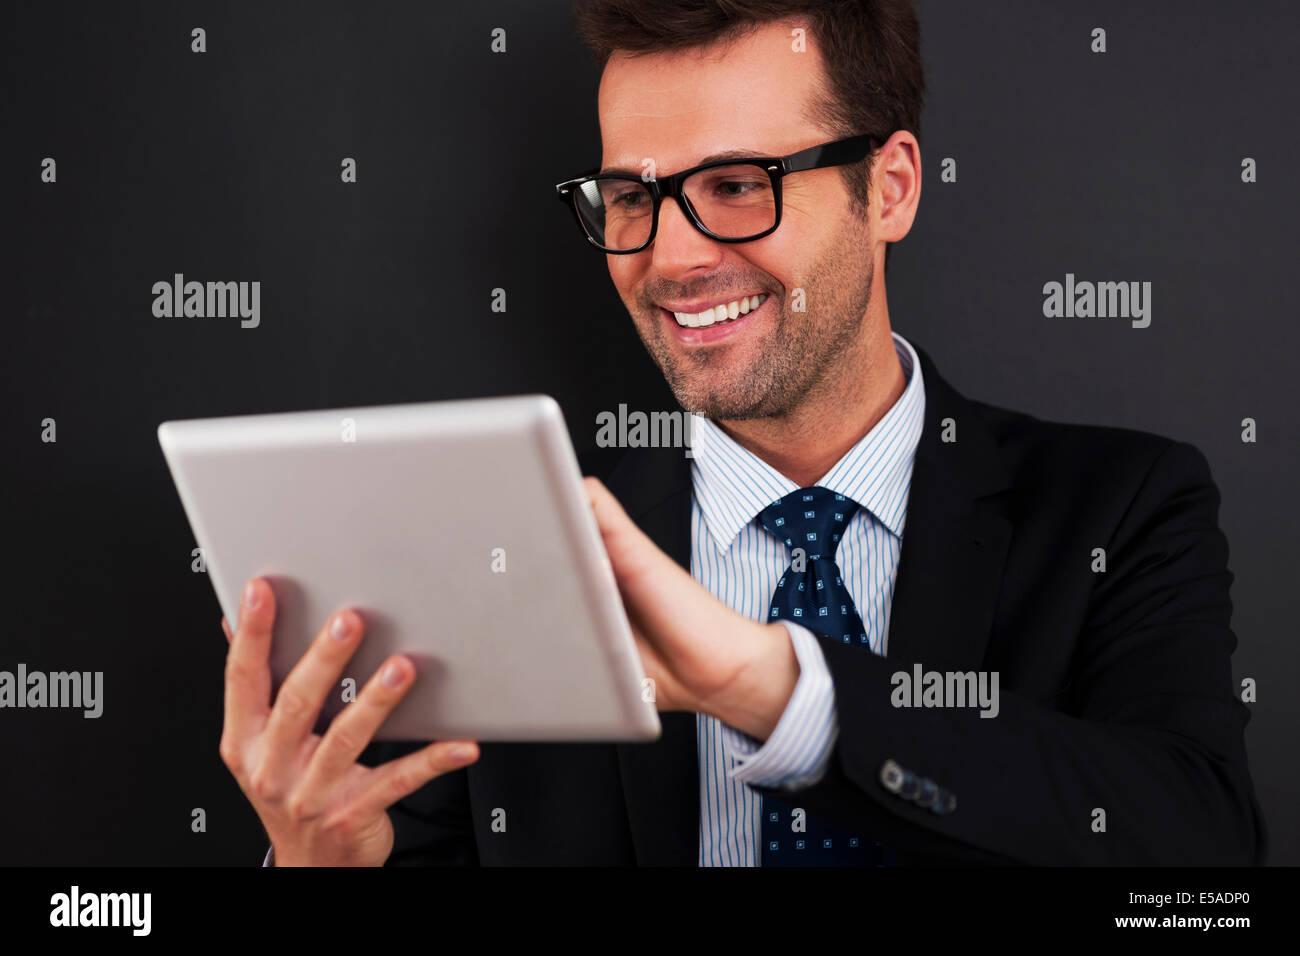 Businessman travaille sur son pavé tactile, Debica, Pologne Photo Stock